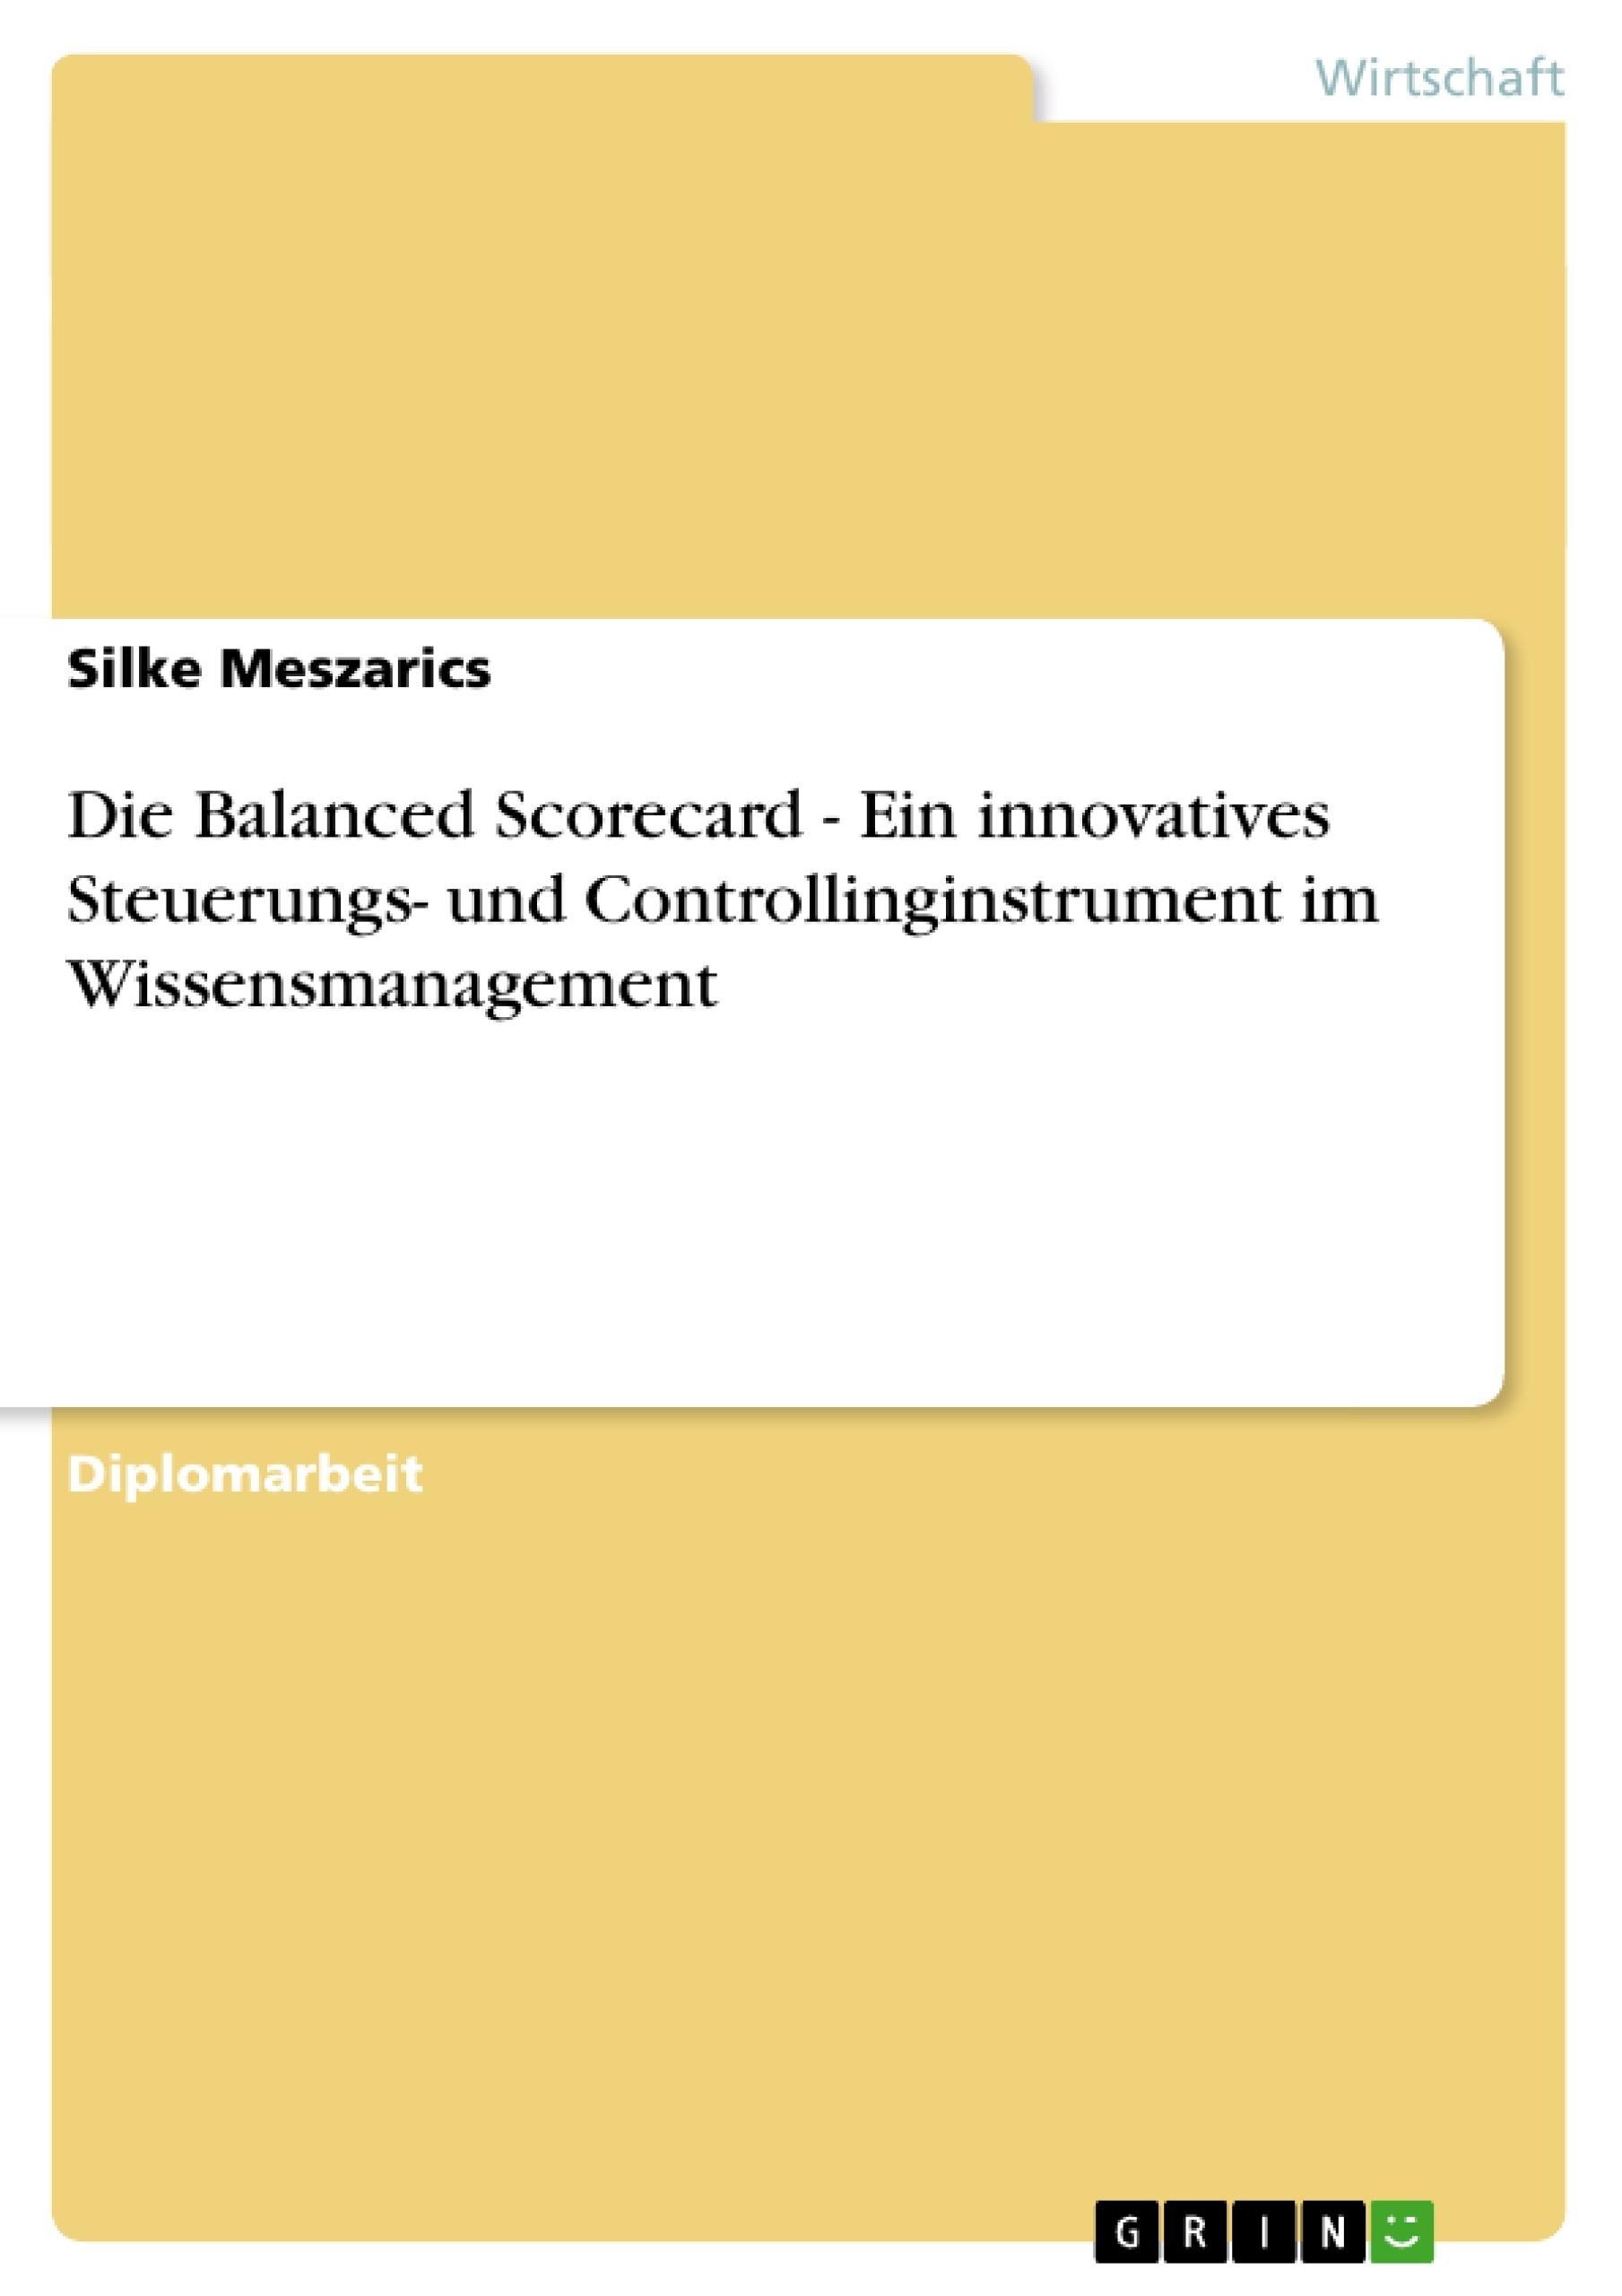 Titel: Die Balanced Scorecard - Ein innovatives Steuerungs- und Controllinginstrument im Wissensmanagement